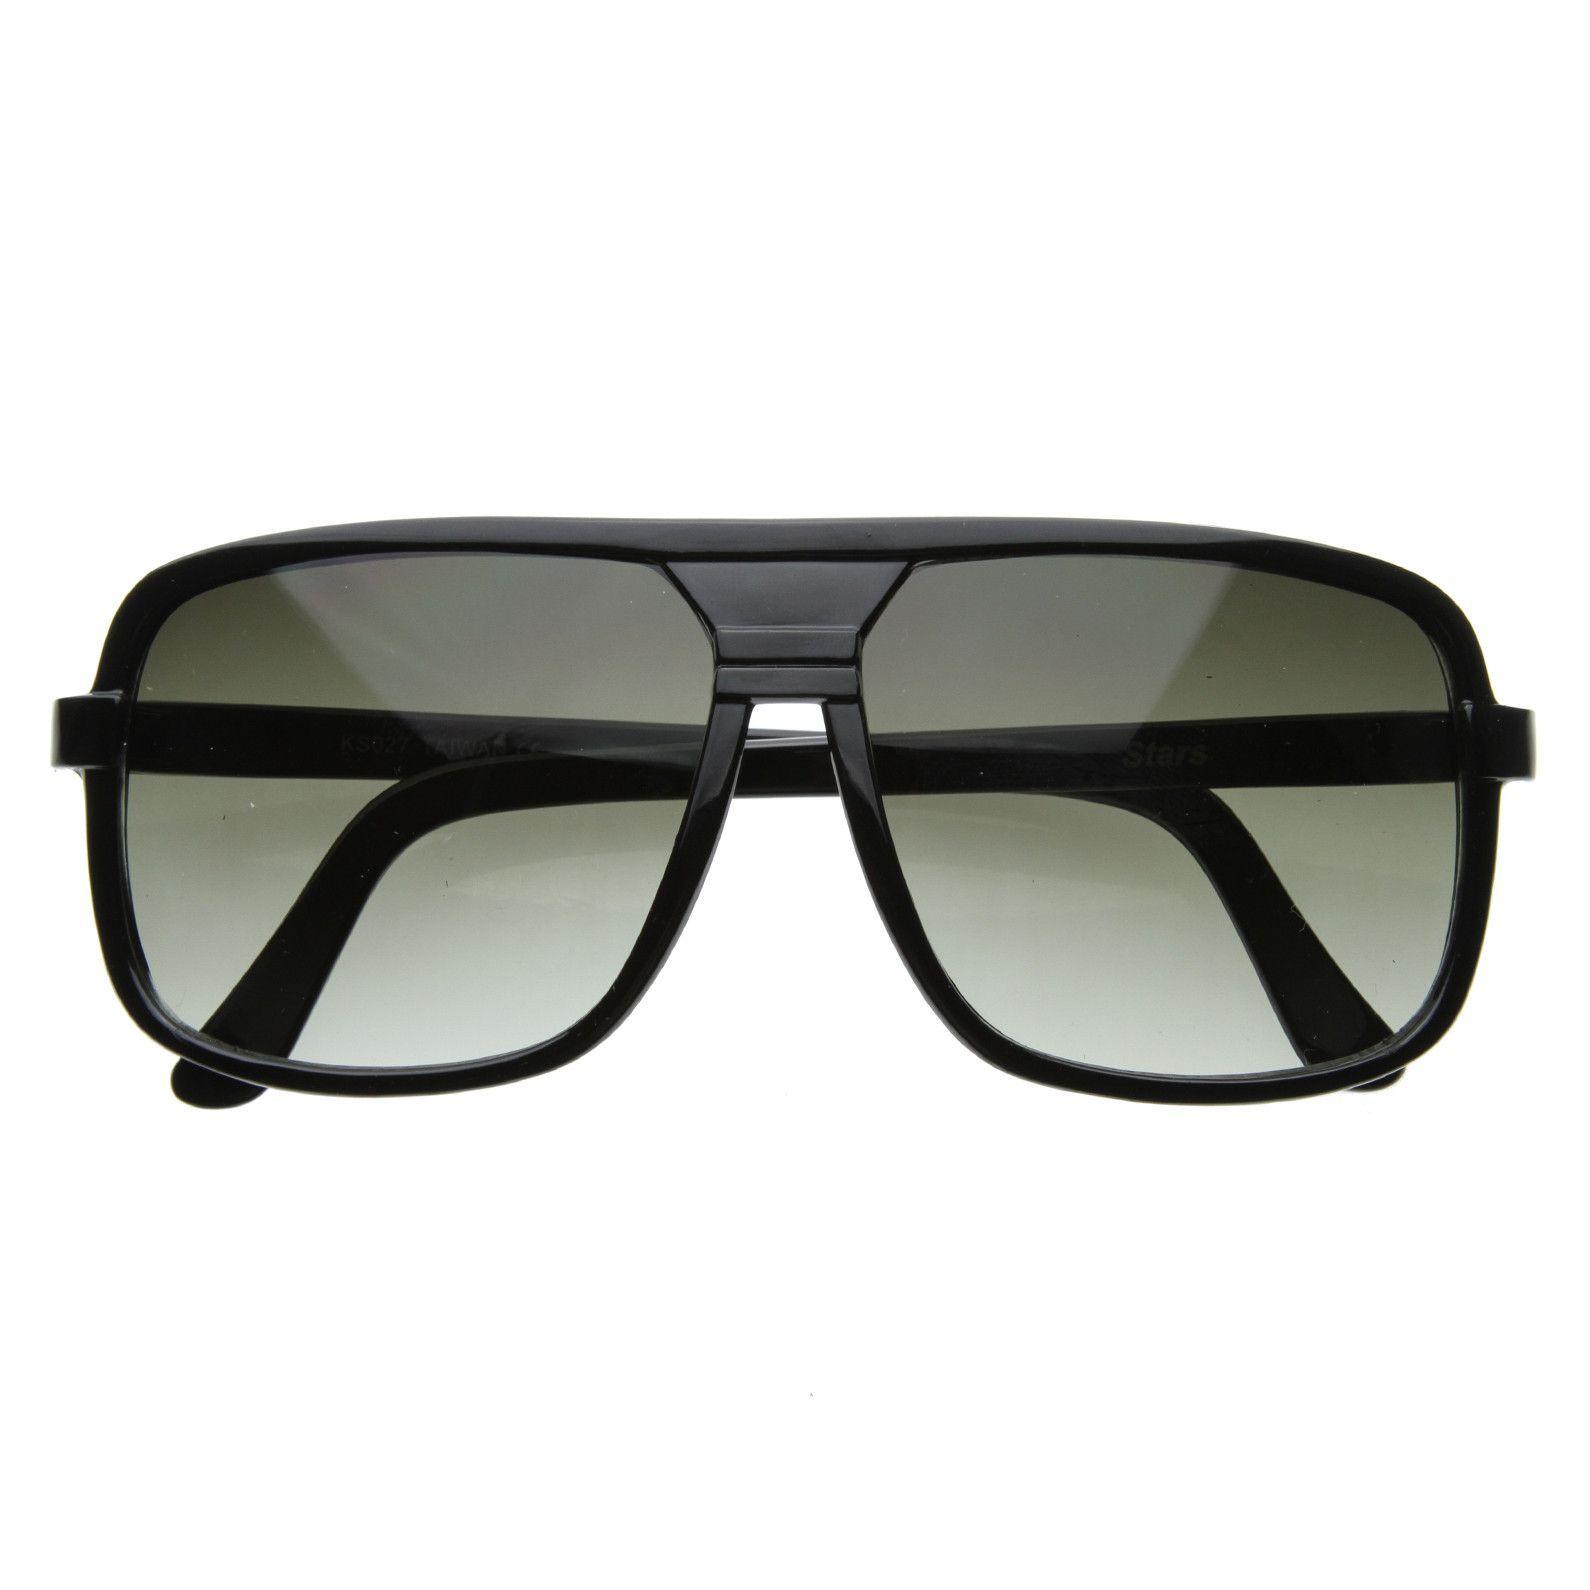 2b358e1e73 Mens Retro Disco Square Flat Top Aviator Sunglasses 8022